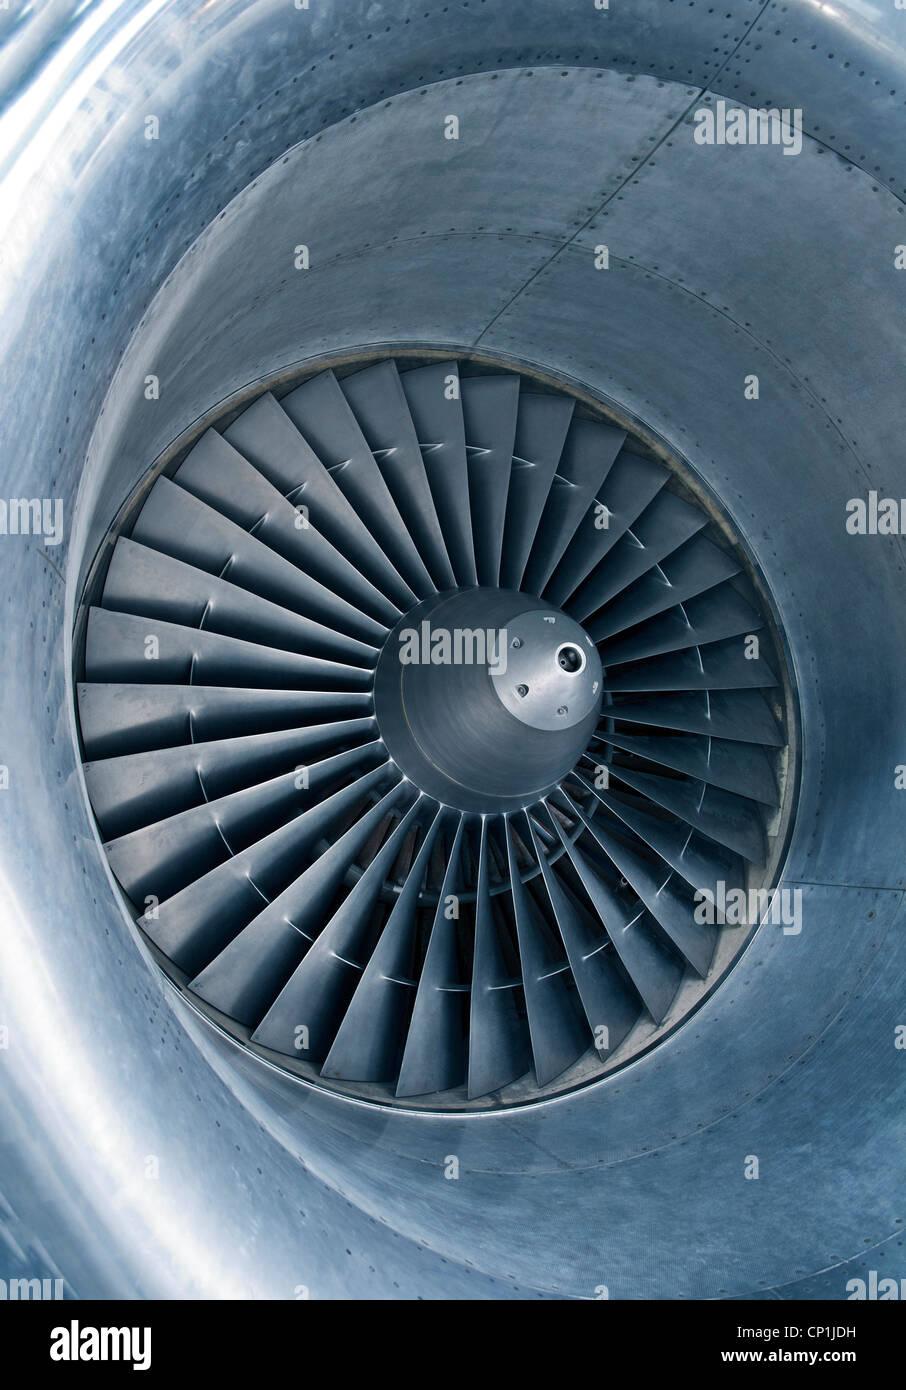 Detalle de una turbina de propulsión a chorro. Imagen De Stock